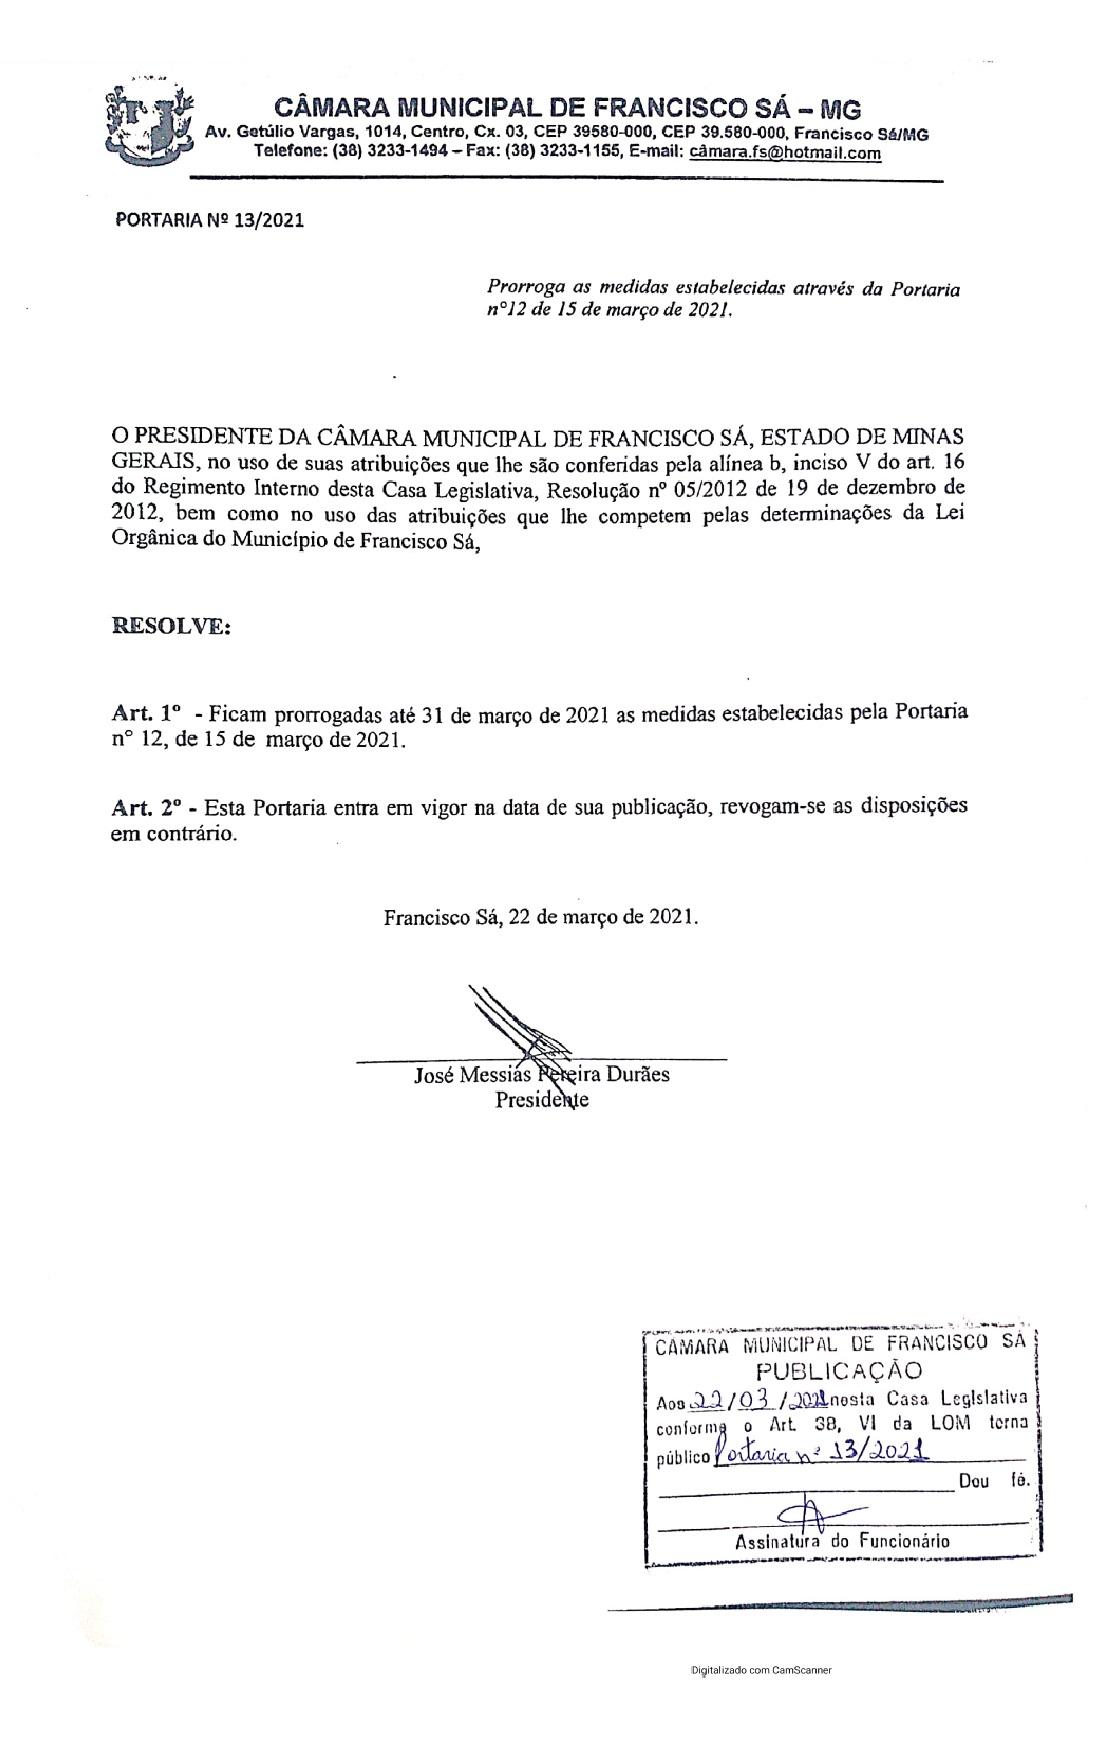 Portaria nº 13/2021 - Prorroga até dia 31/03/2021 as medidas estabelecidas na Portaria nº 12/2021.